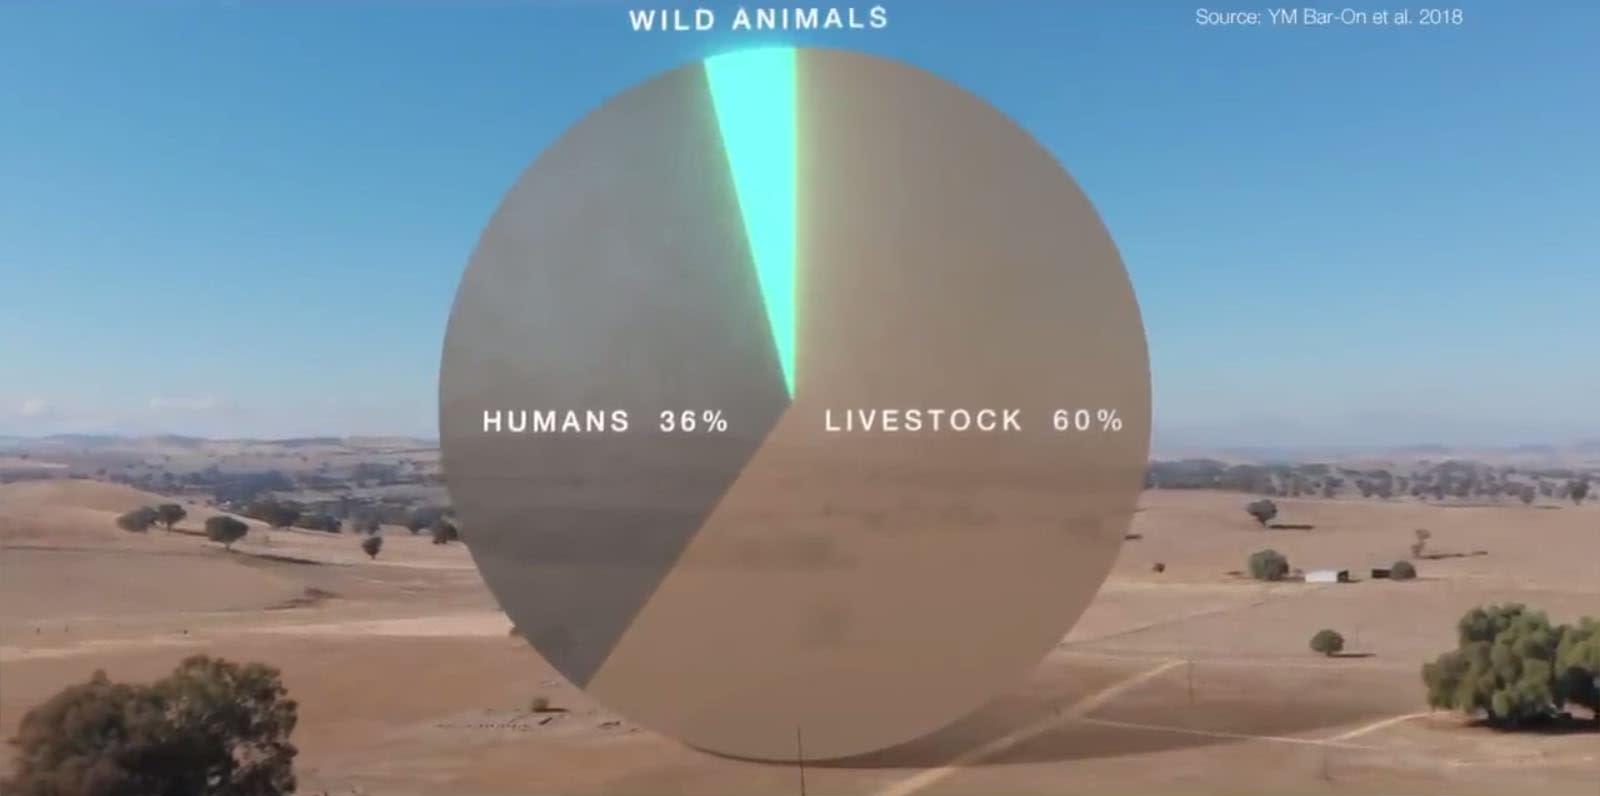 Kihalás - A Tények | David Attenborough - BBC | ClimeNews Hírportál